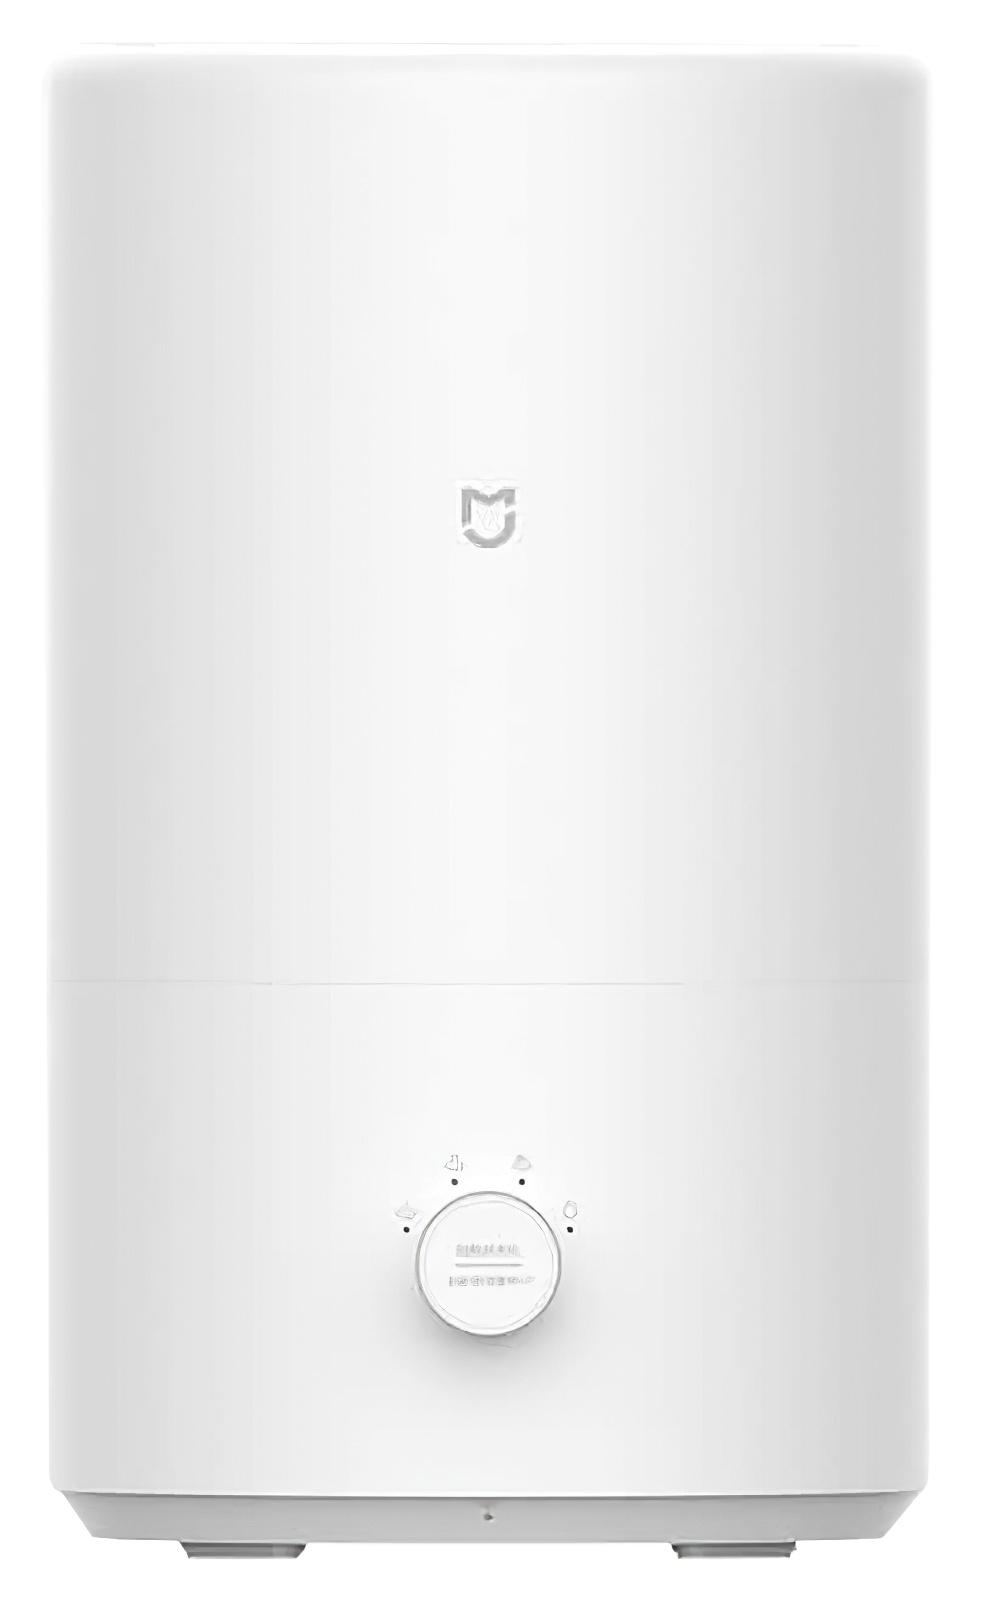 Xiaomi Mijia Smart Humidifier White (MJJSQ04DY) КАРКАМ